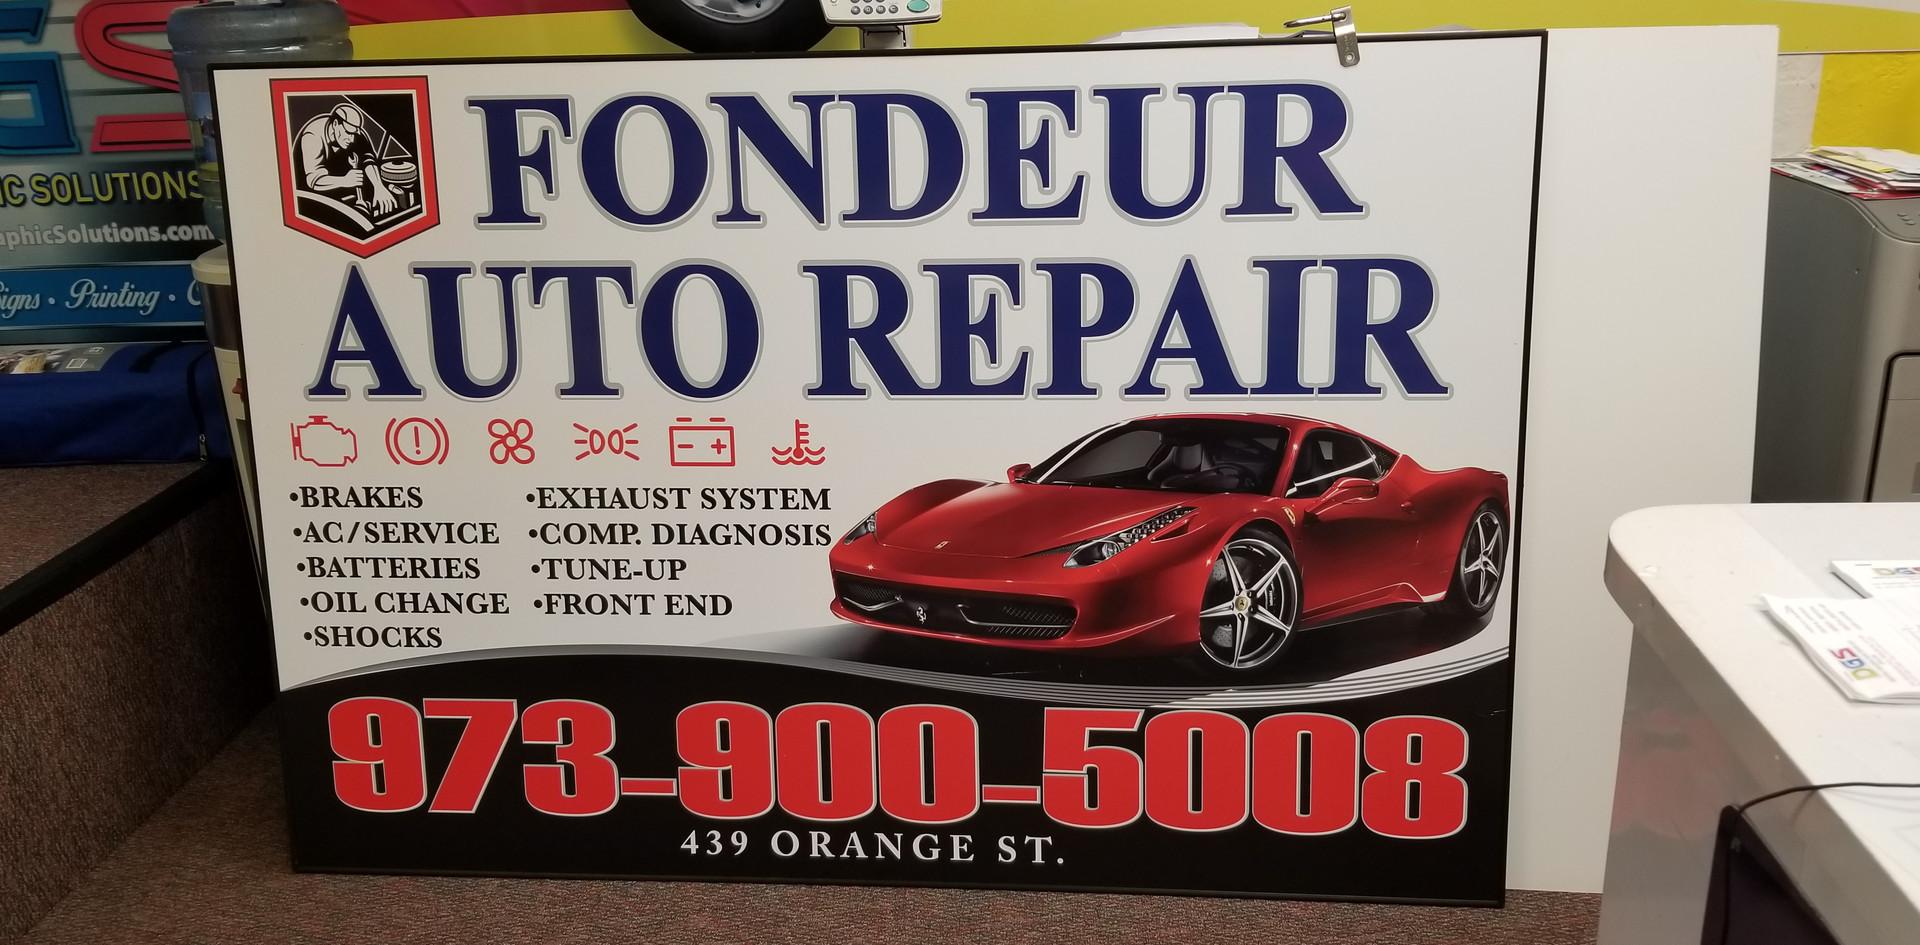 Fondeur Auto Repair.jpg